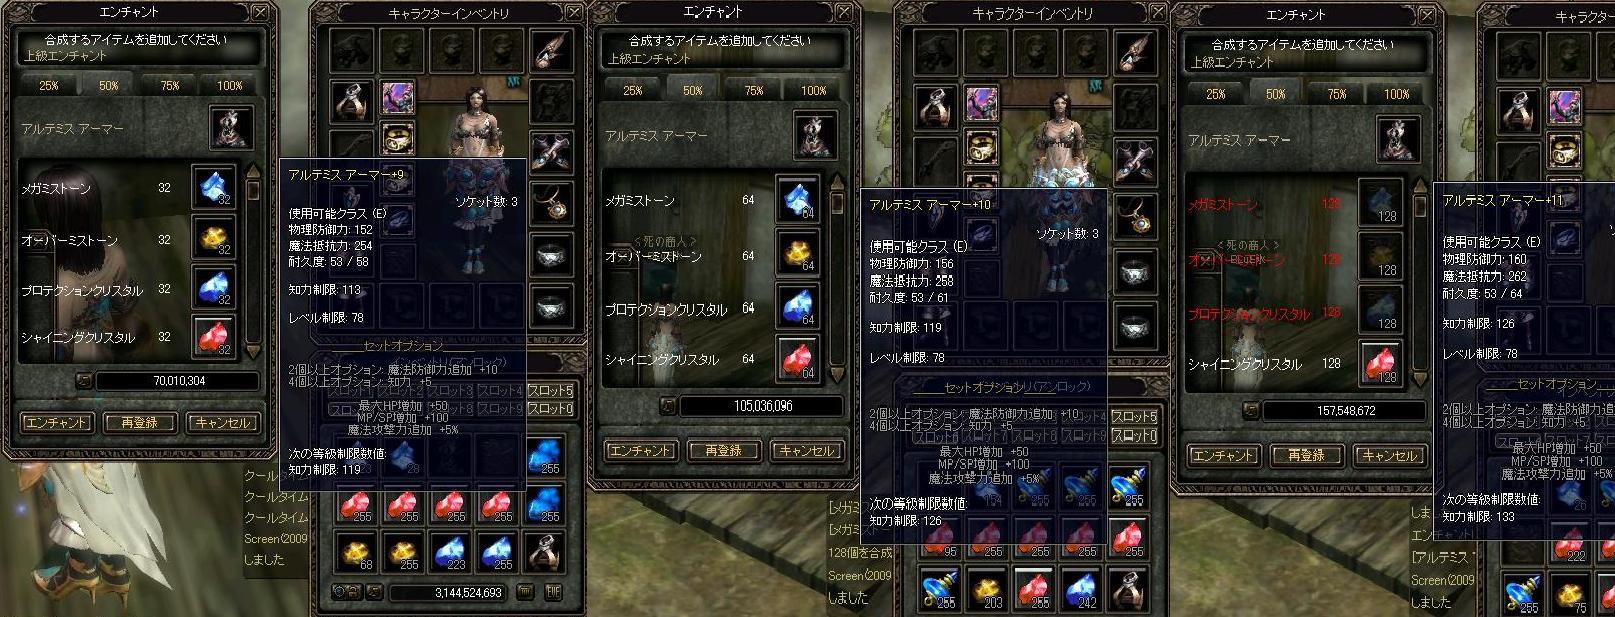 BI_KK2.JPG